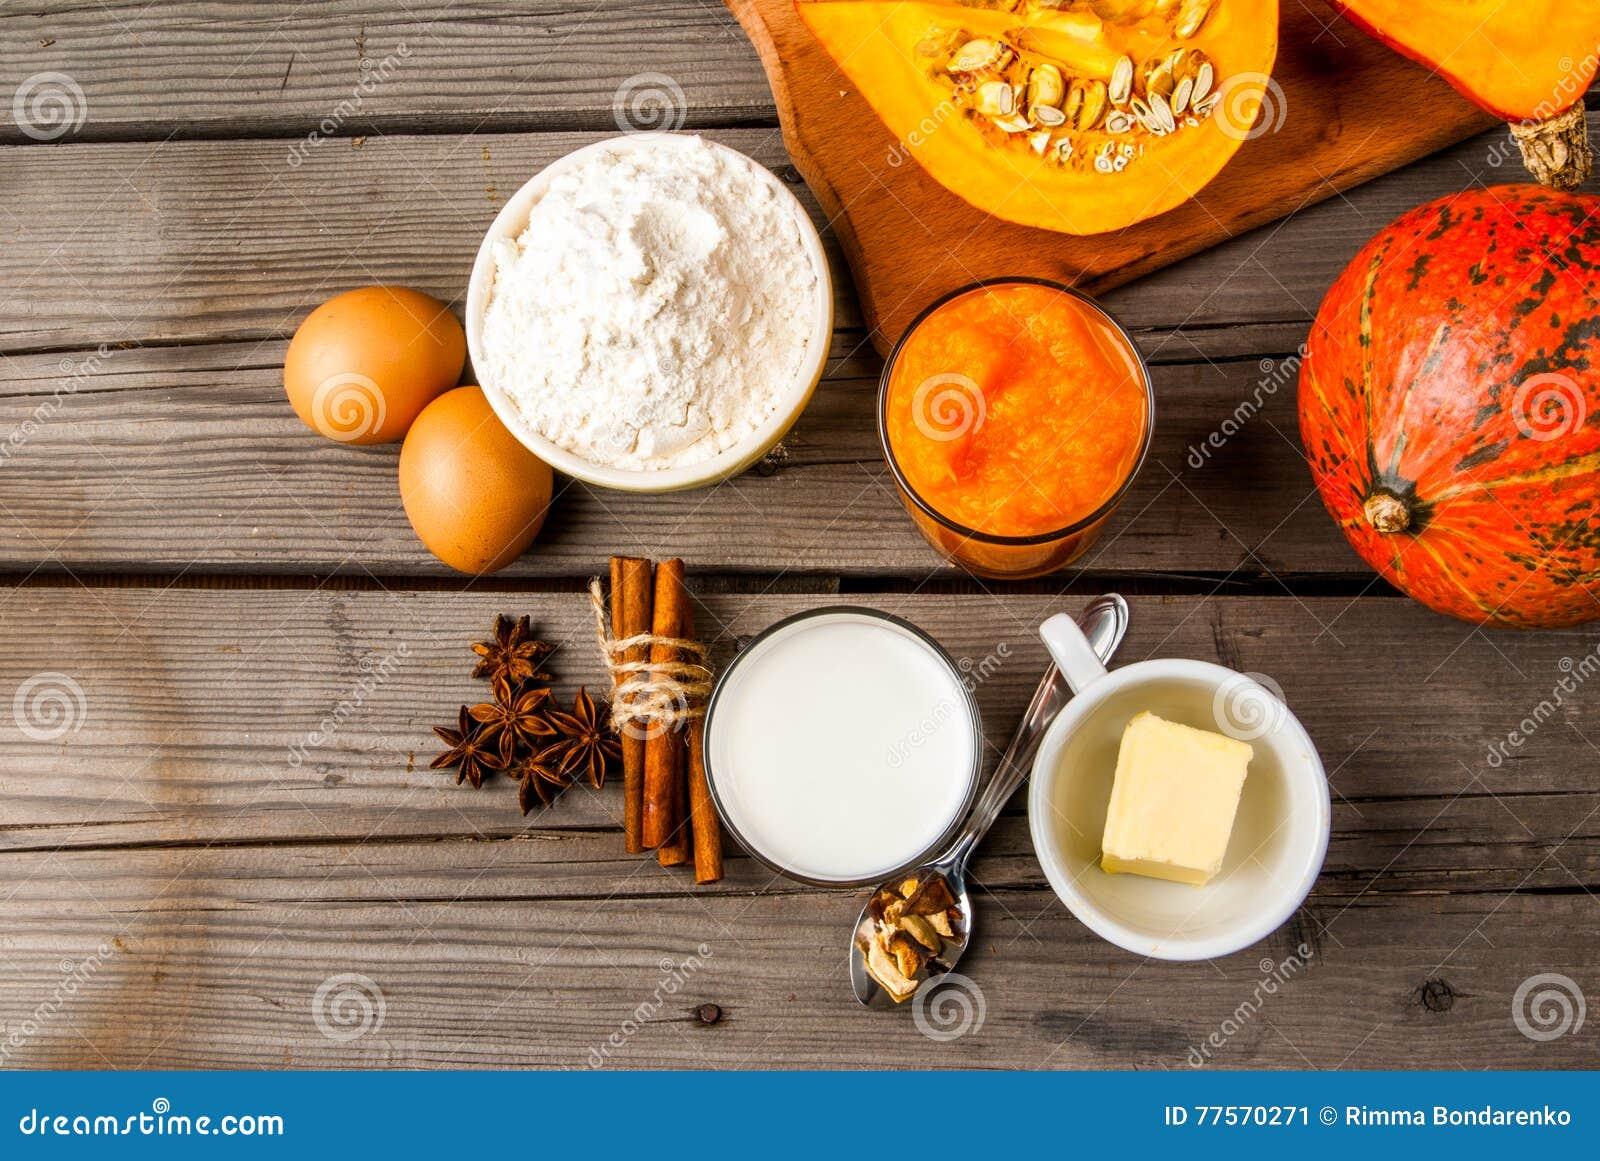 Como Hacer Un Pastel De Calabaza. Cool Preparacin. Finest Cmo Hacer ...